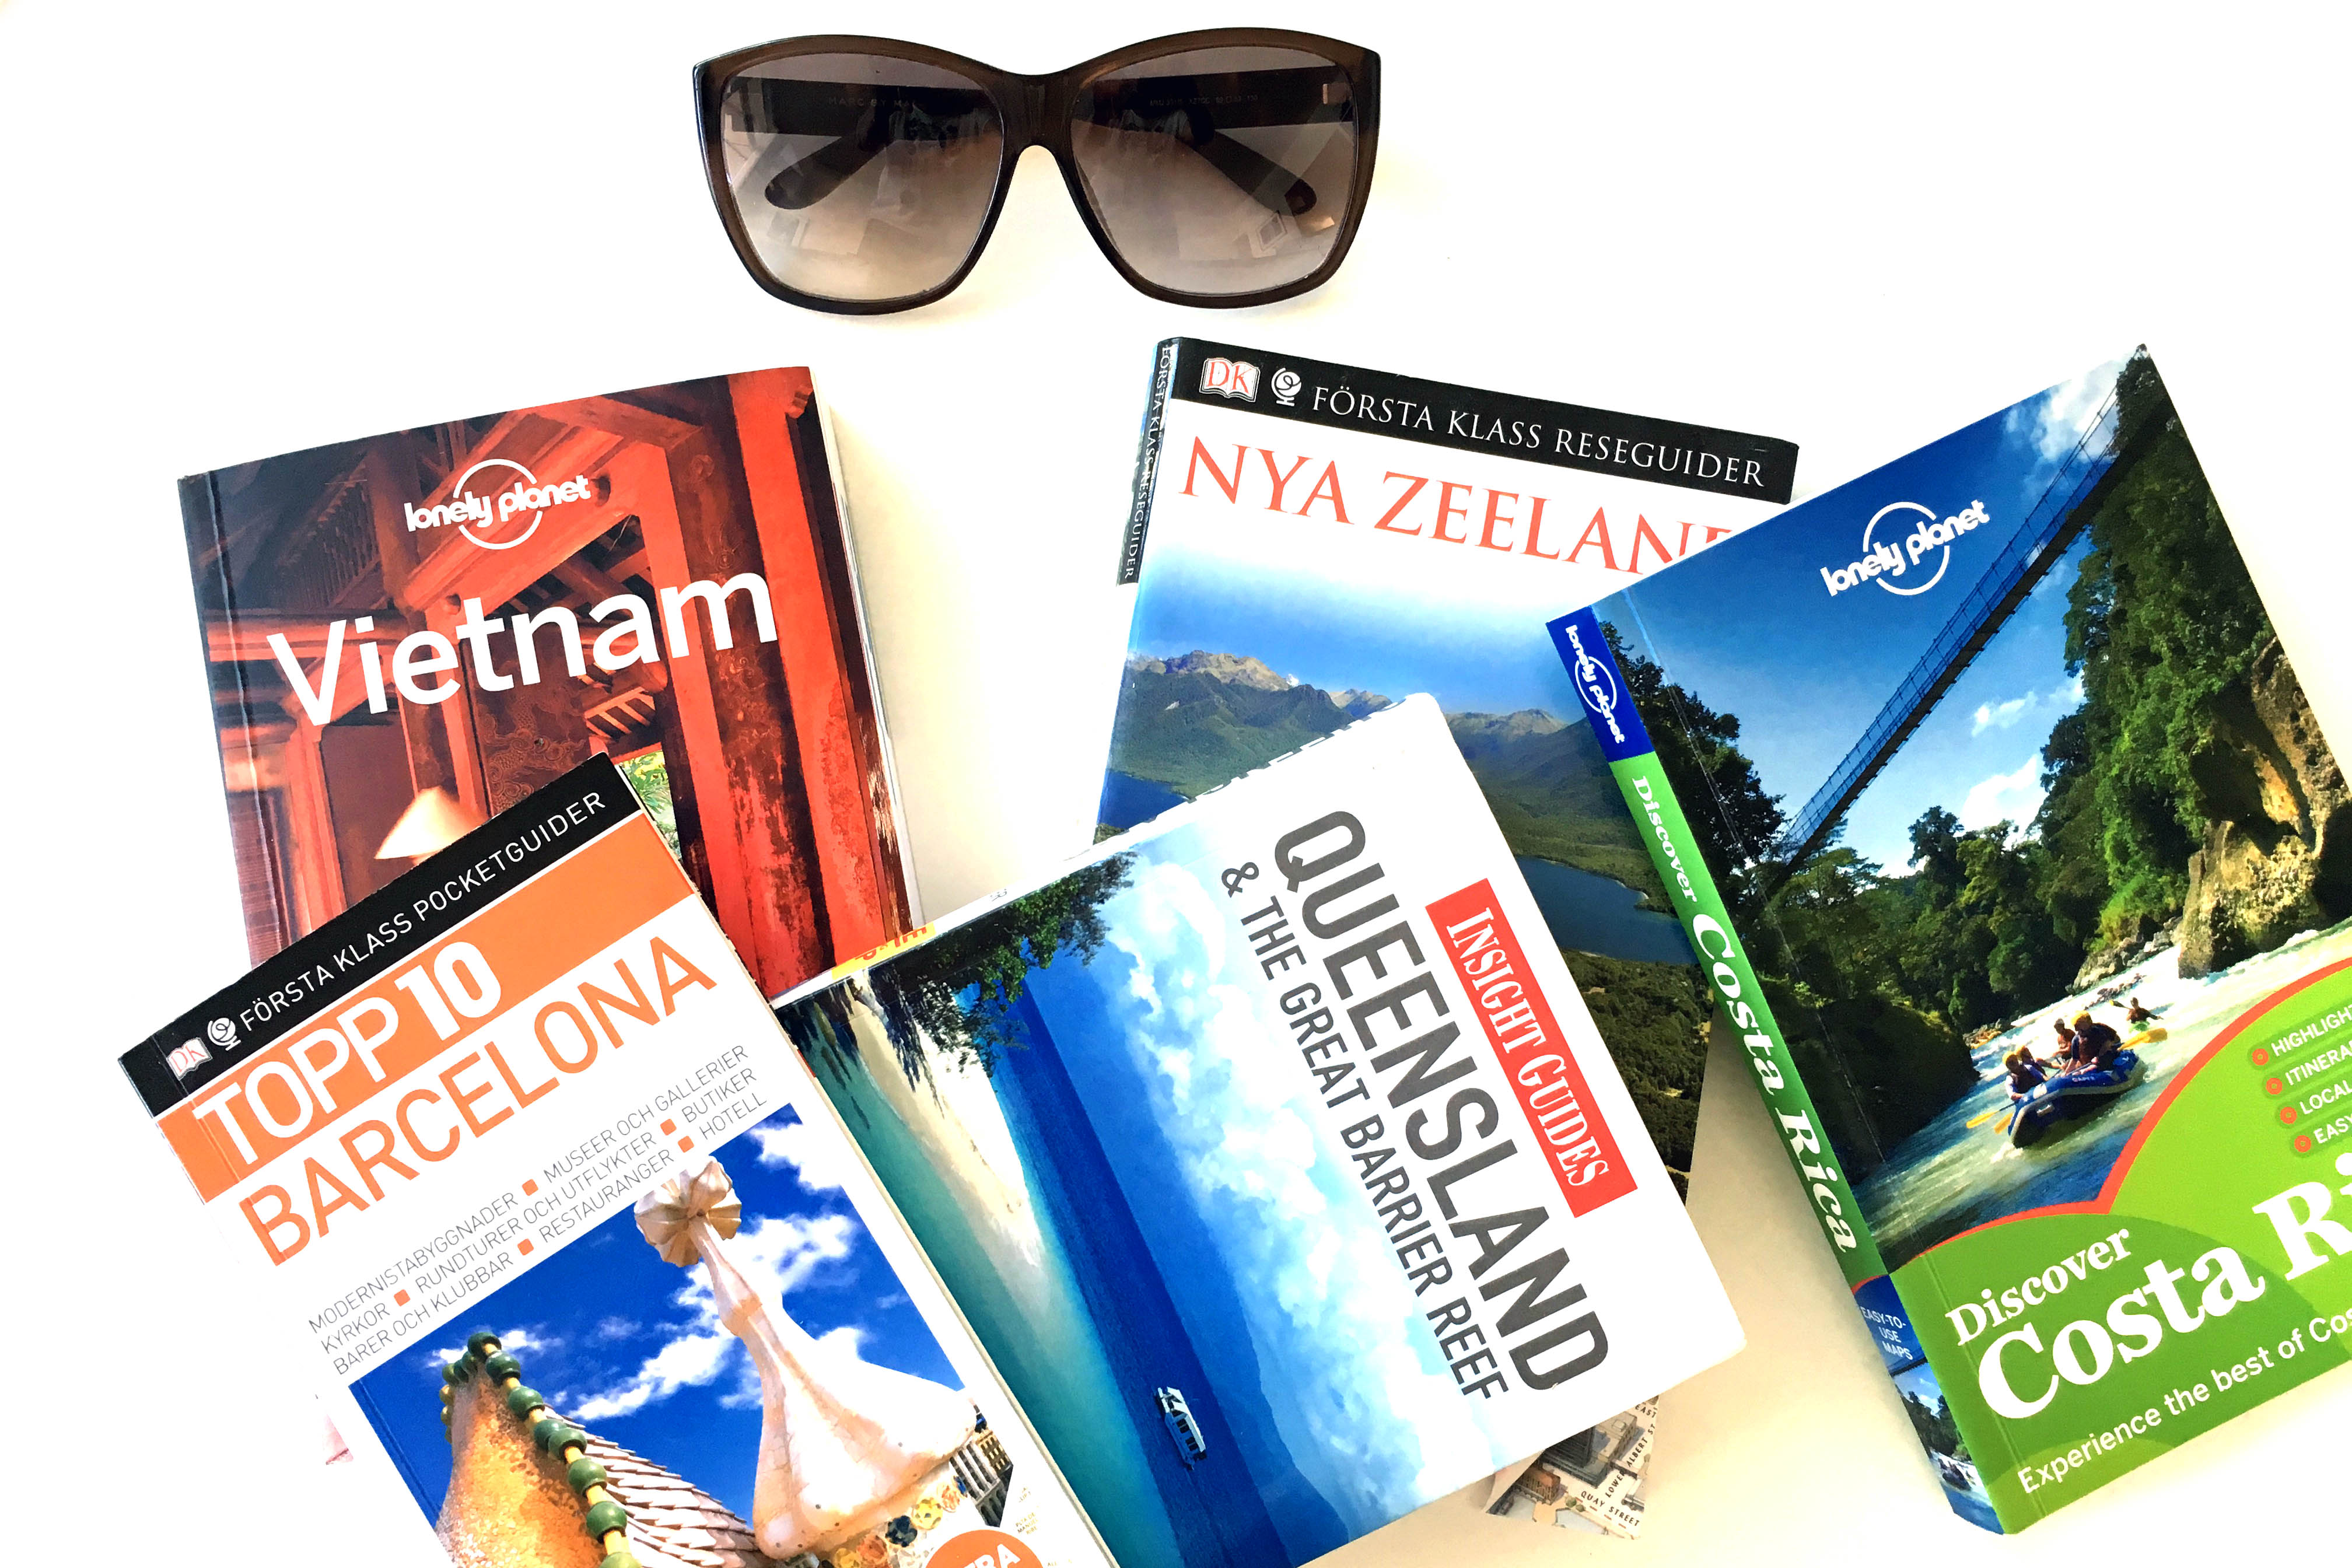 Hur hittar man den perfekta guideboken?